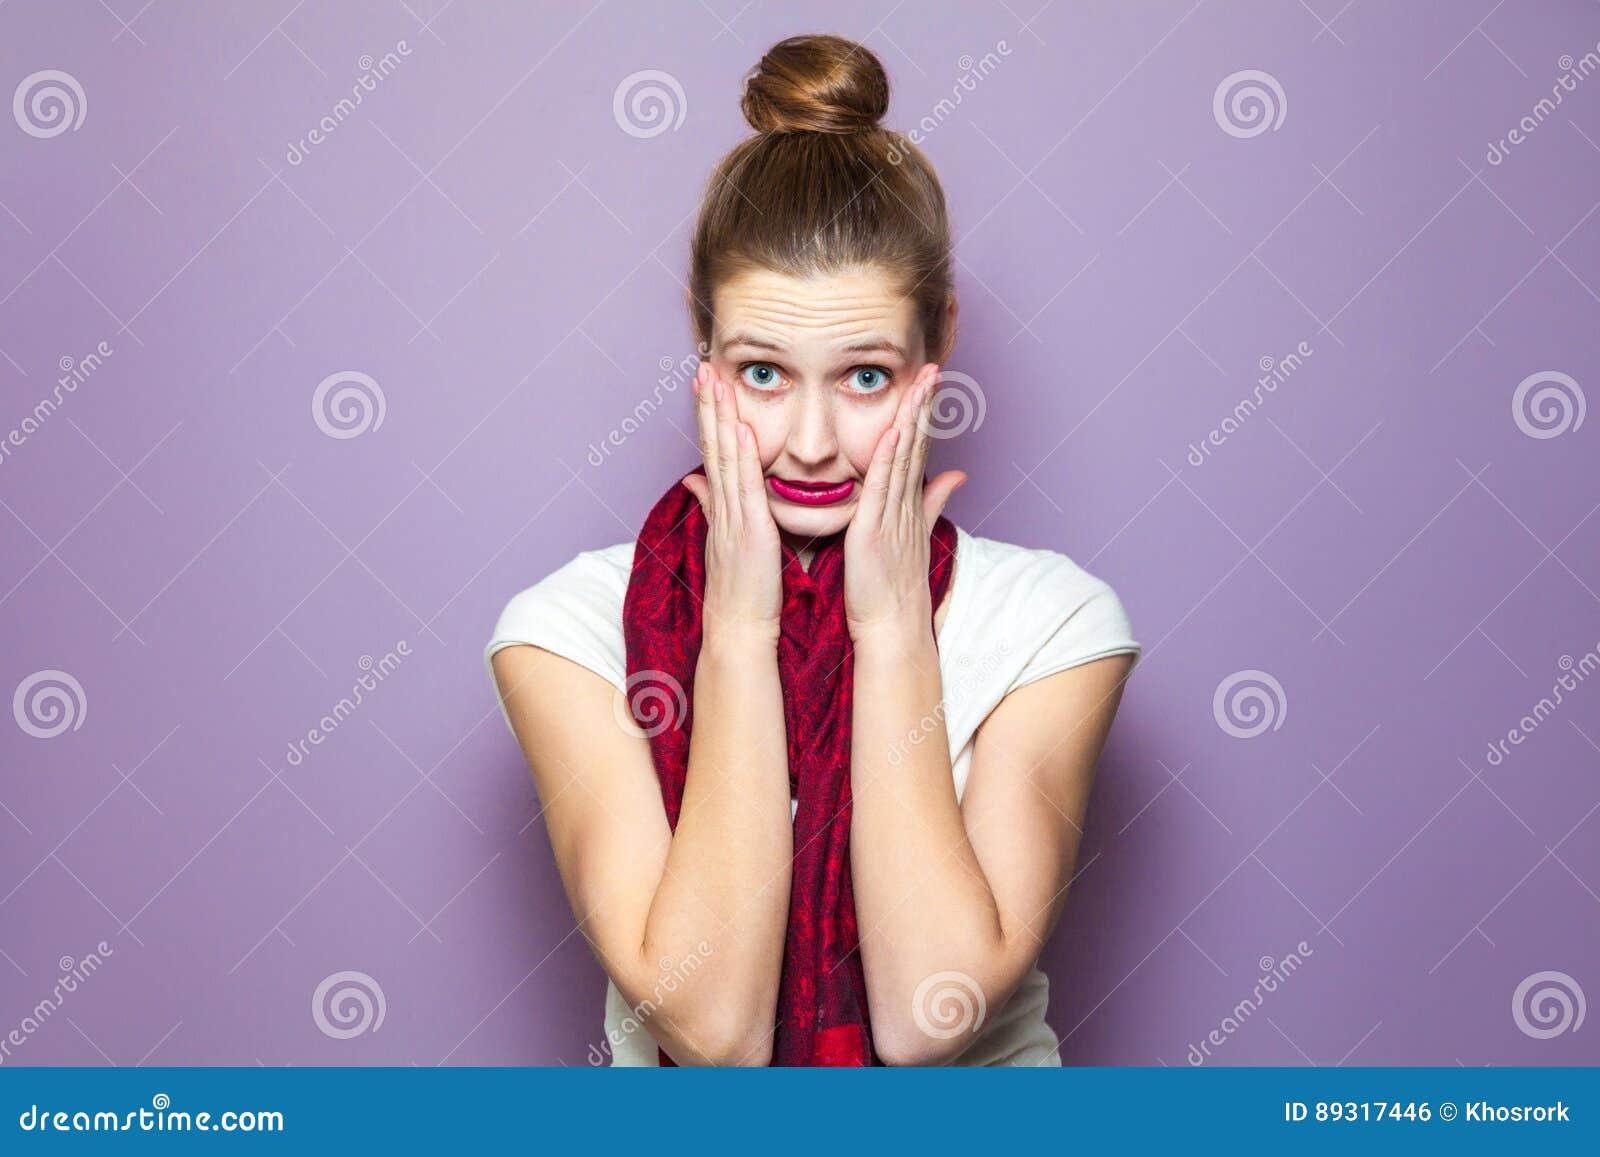 Conceito emocional infeliz da expressão no fundo roxo